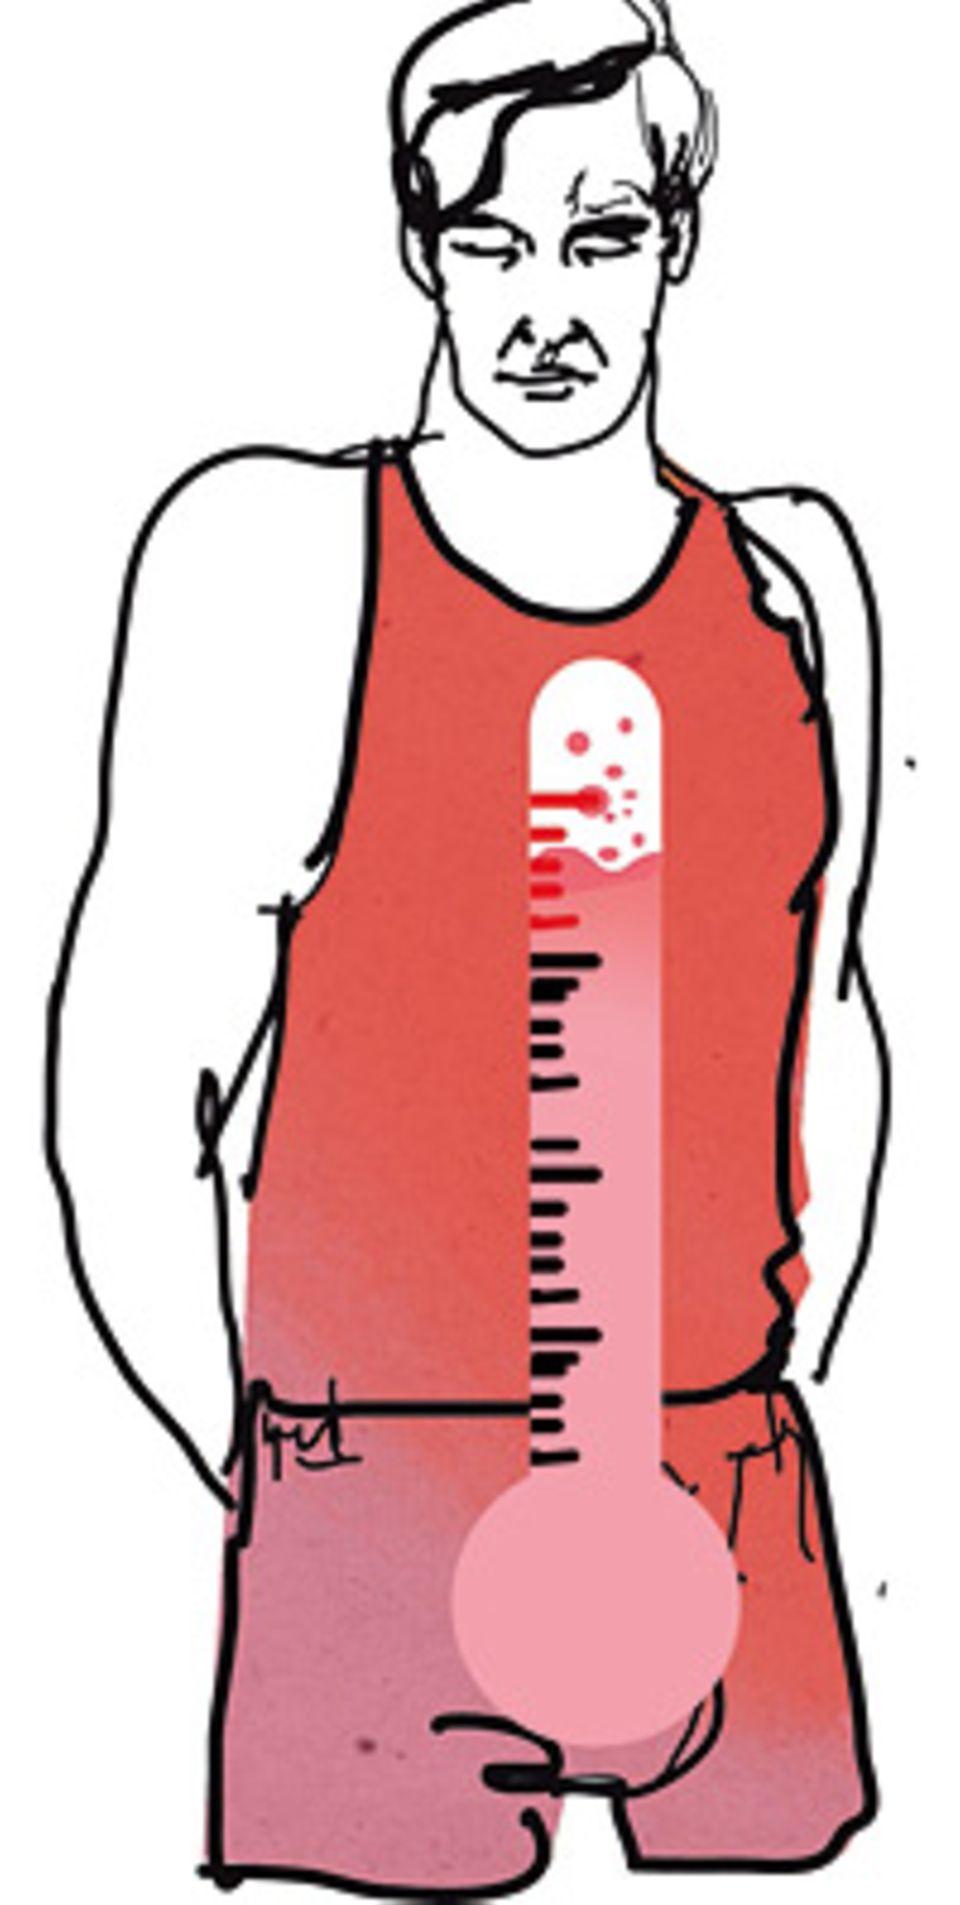 Herzkrankheiten: Wenn die Erregungskurve ansteigt, strömt Blut schneller durch den Körper